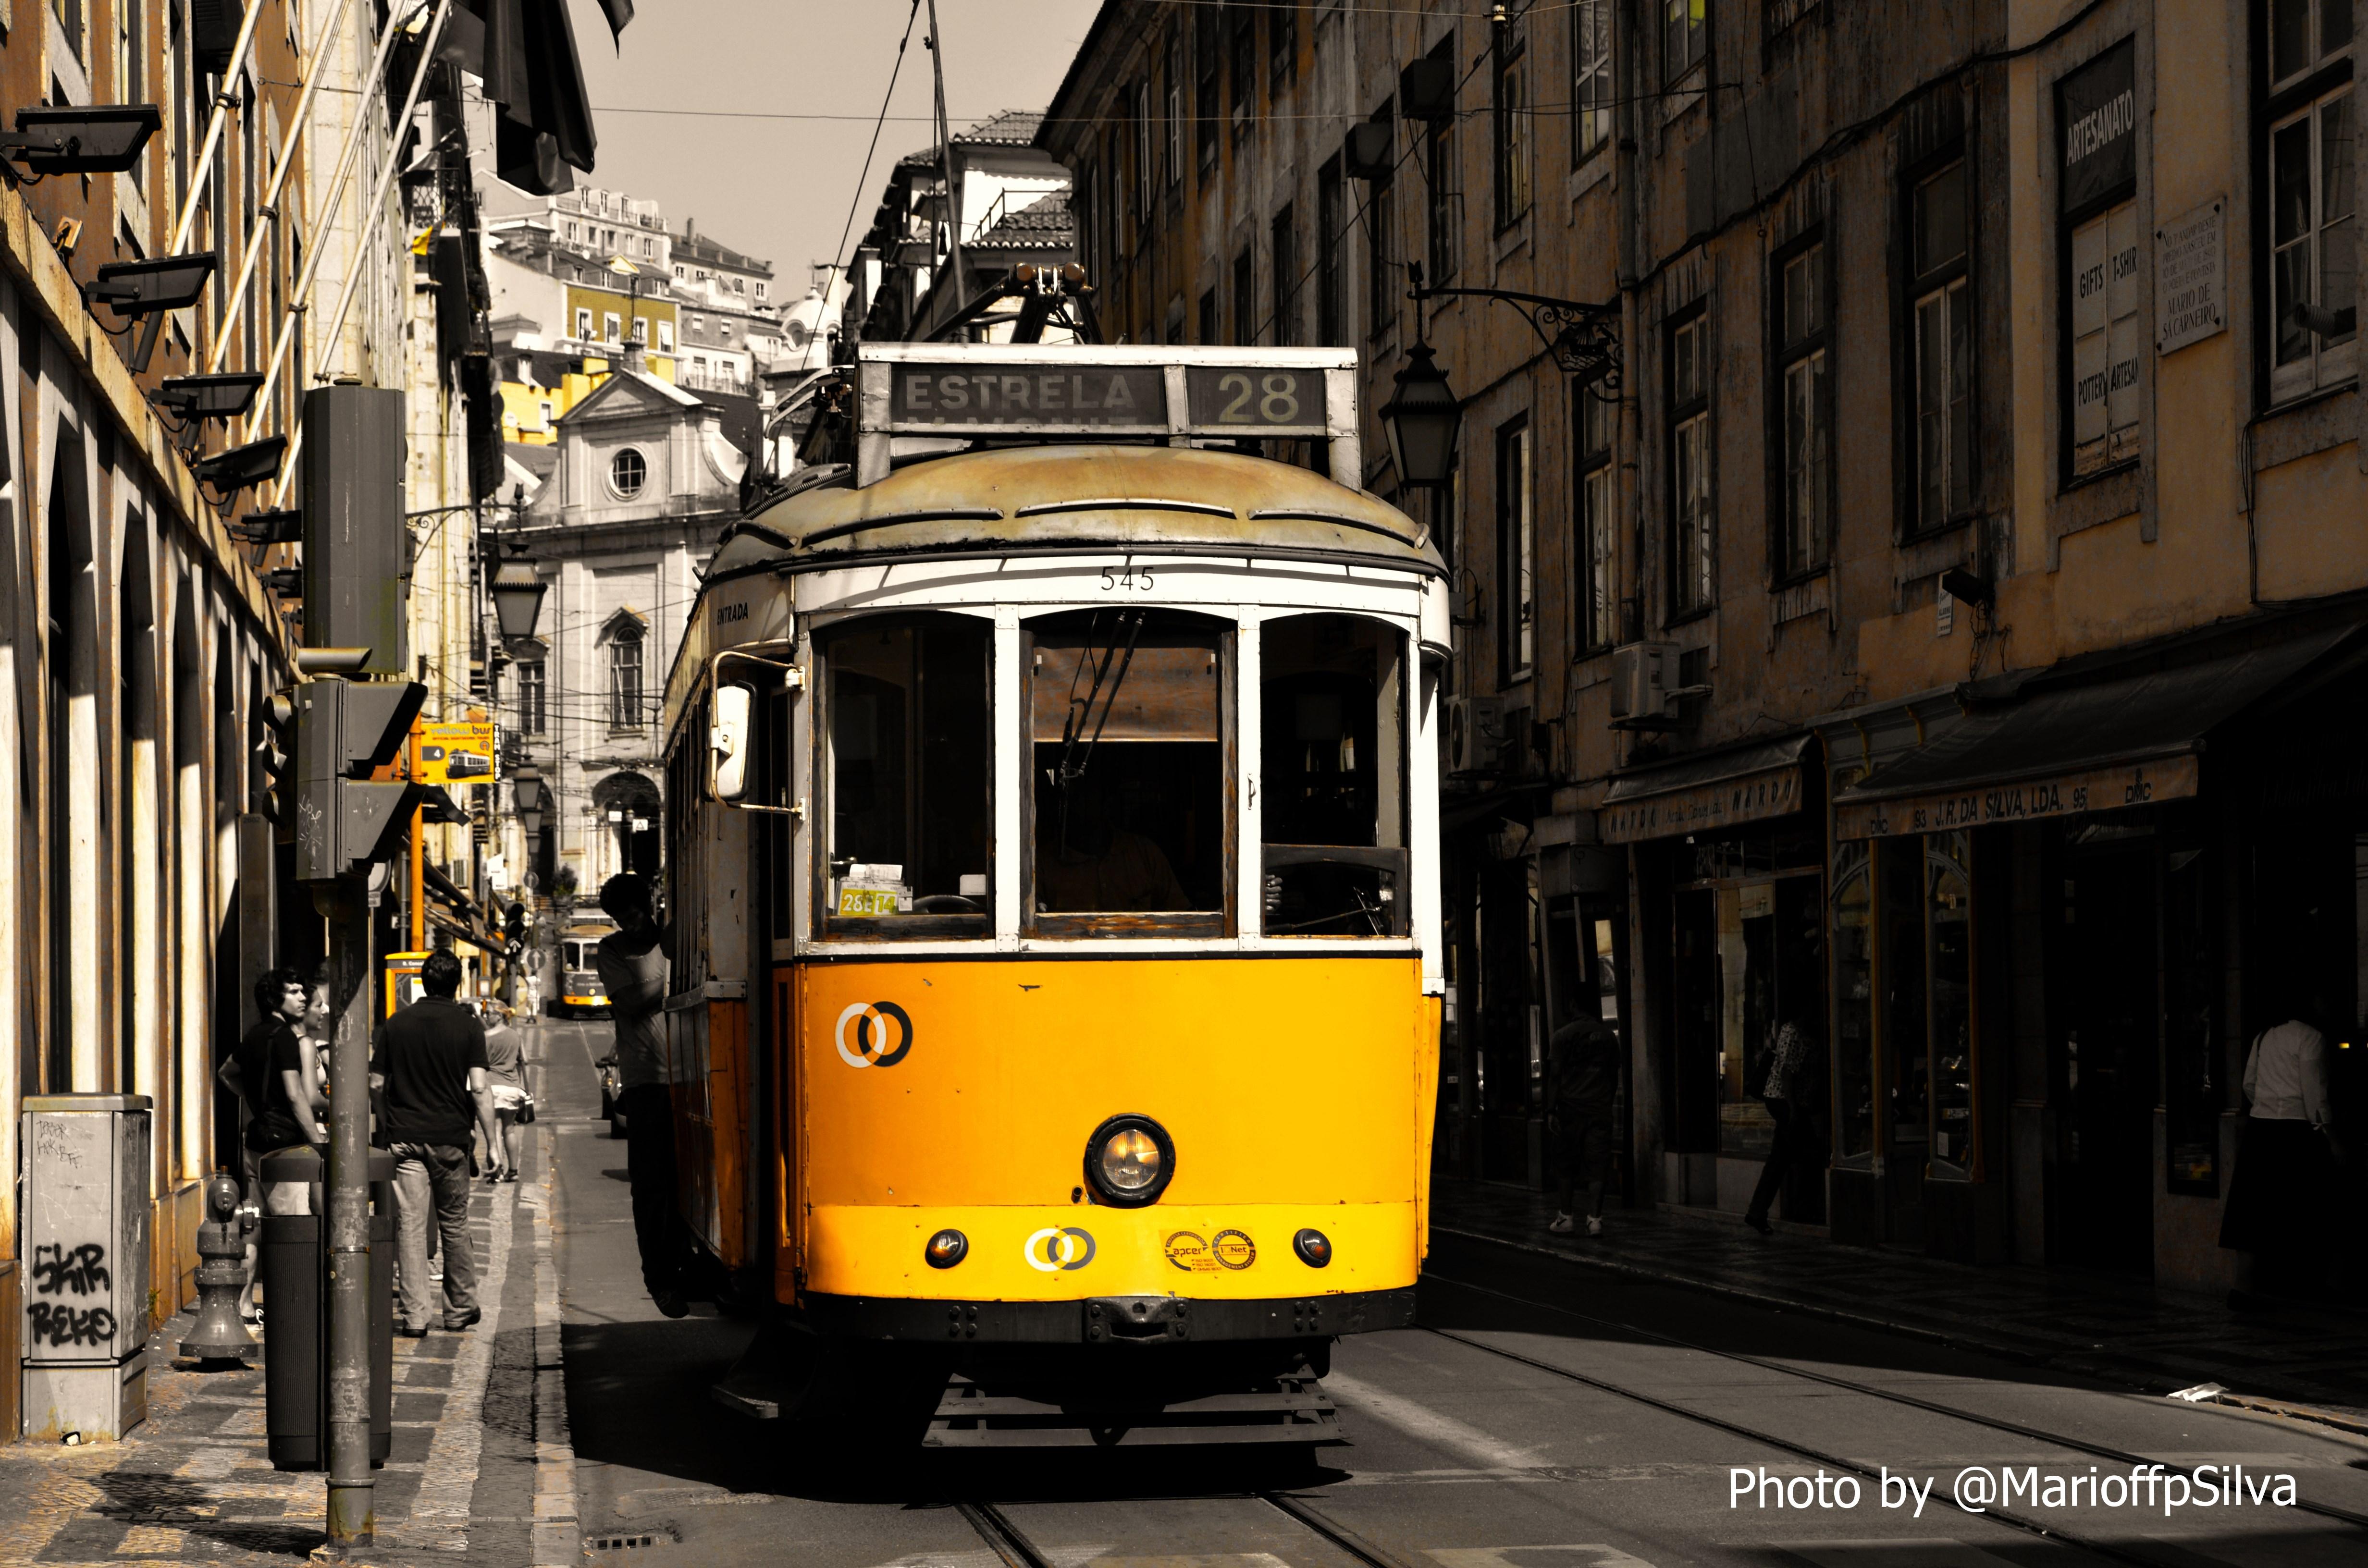 Eléctrico nas ruas de Lisboa